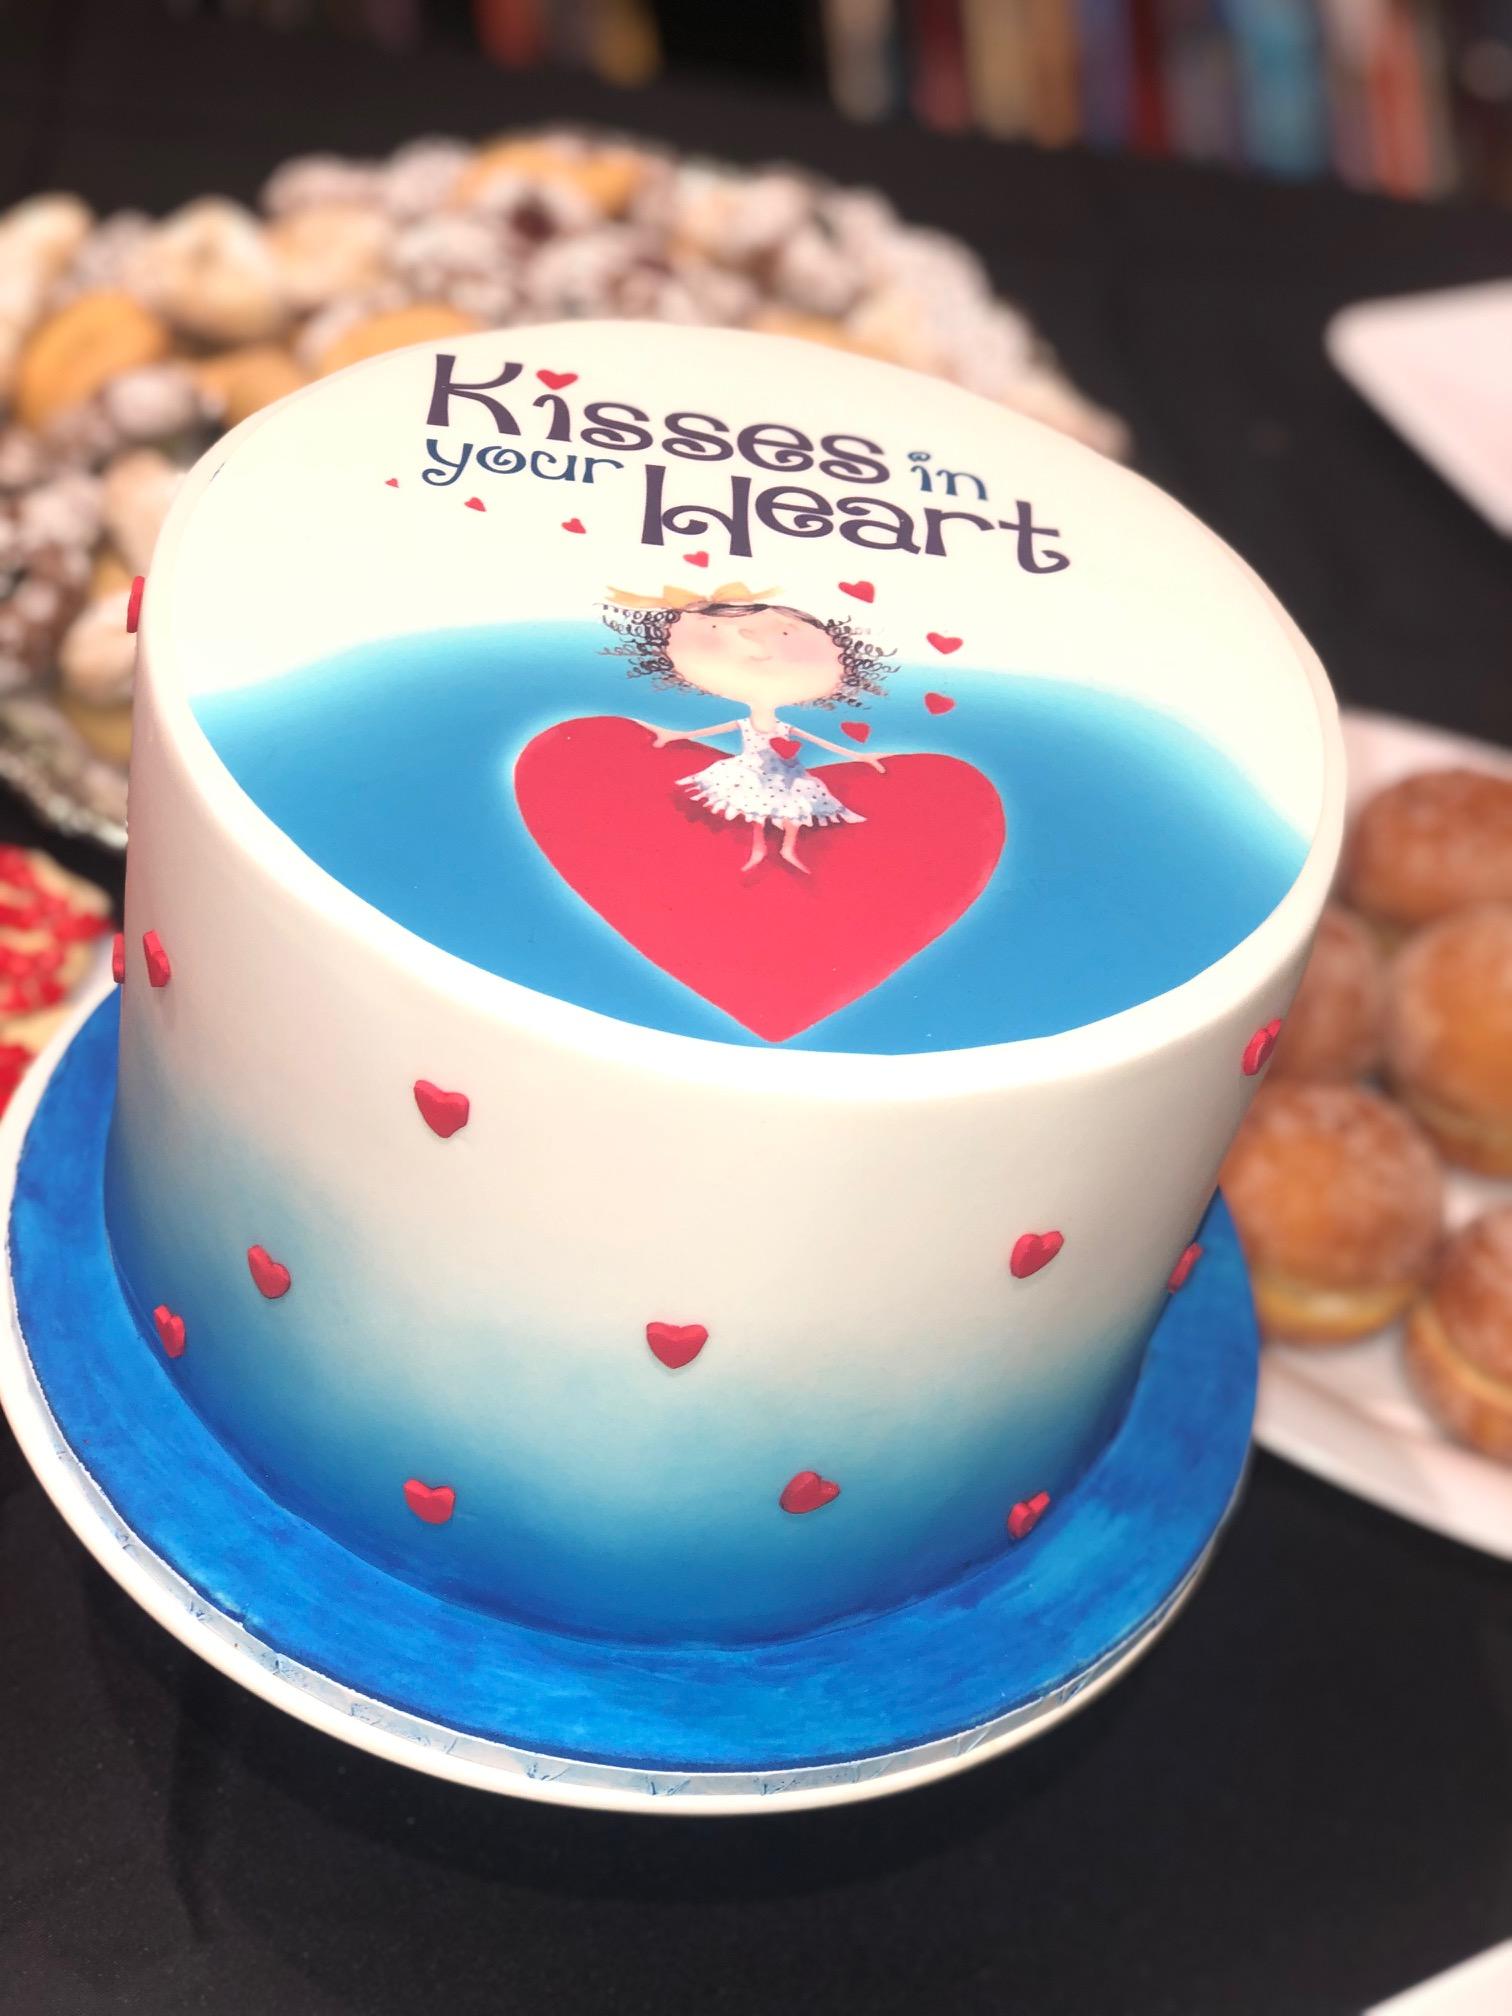 Kiyh cake image.jpg